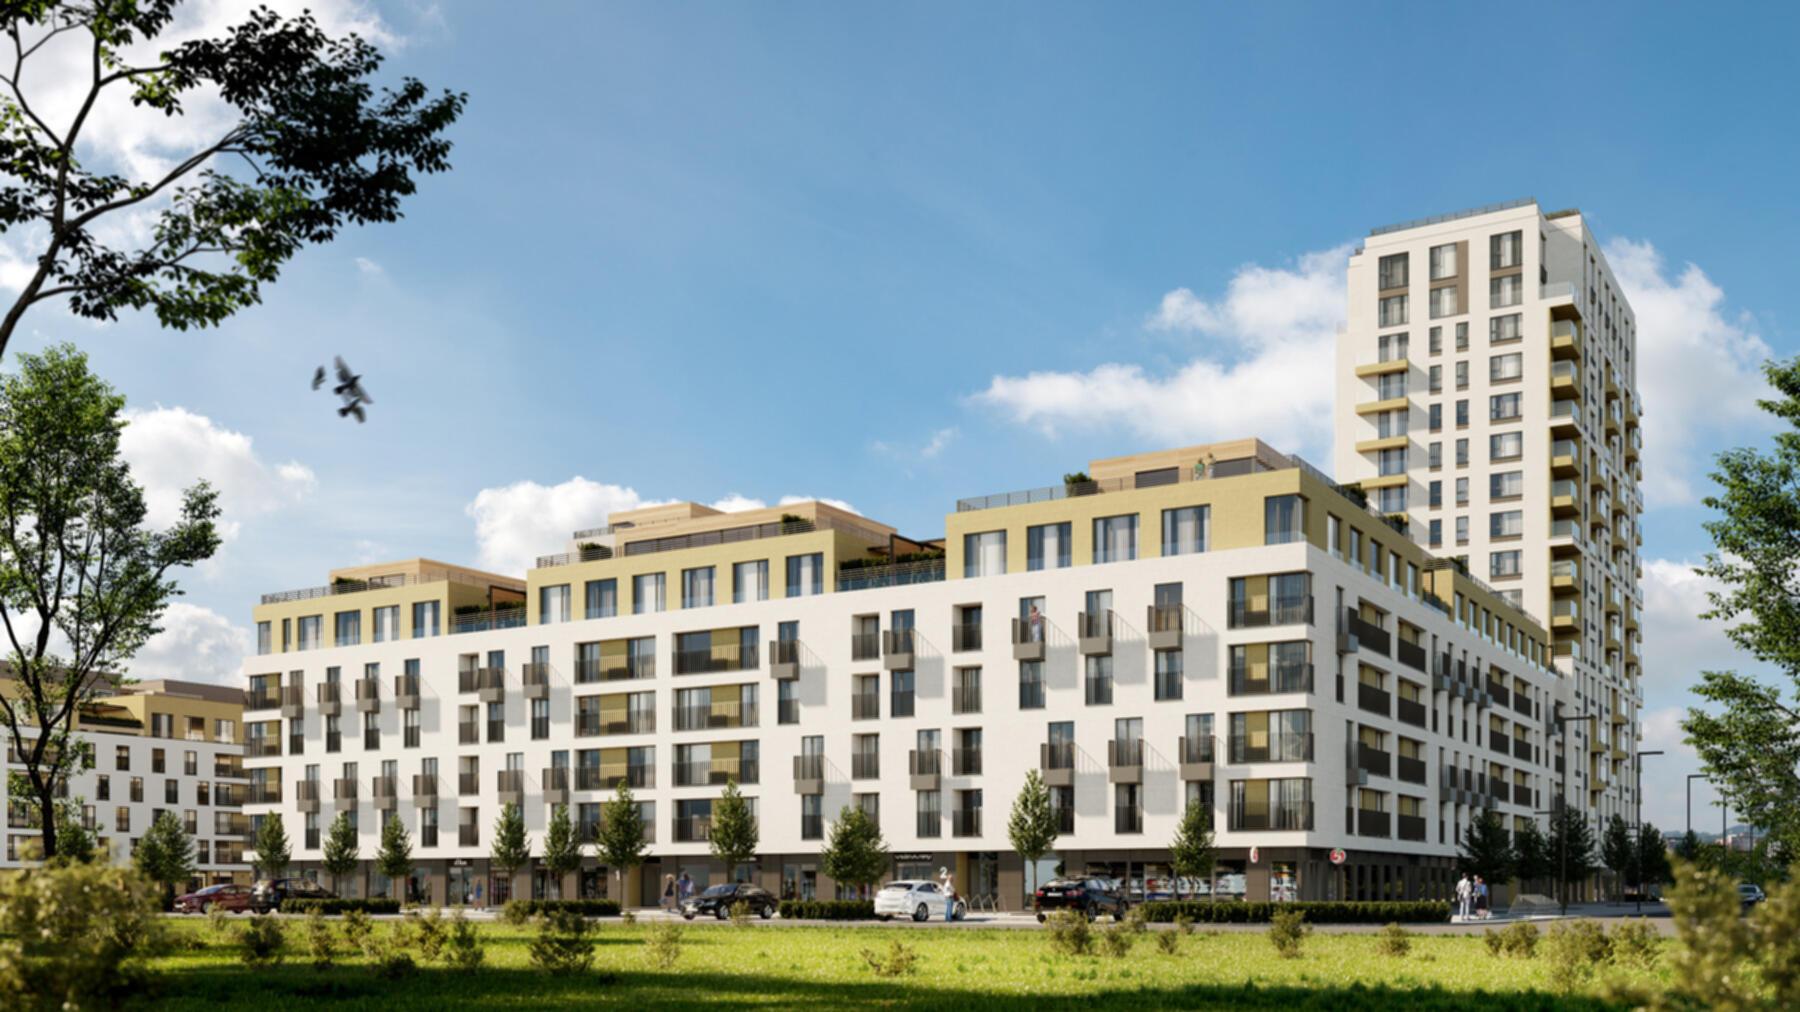 Скидки до 528 000 рублей на квартиры в новом доме до конца недели